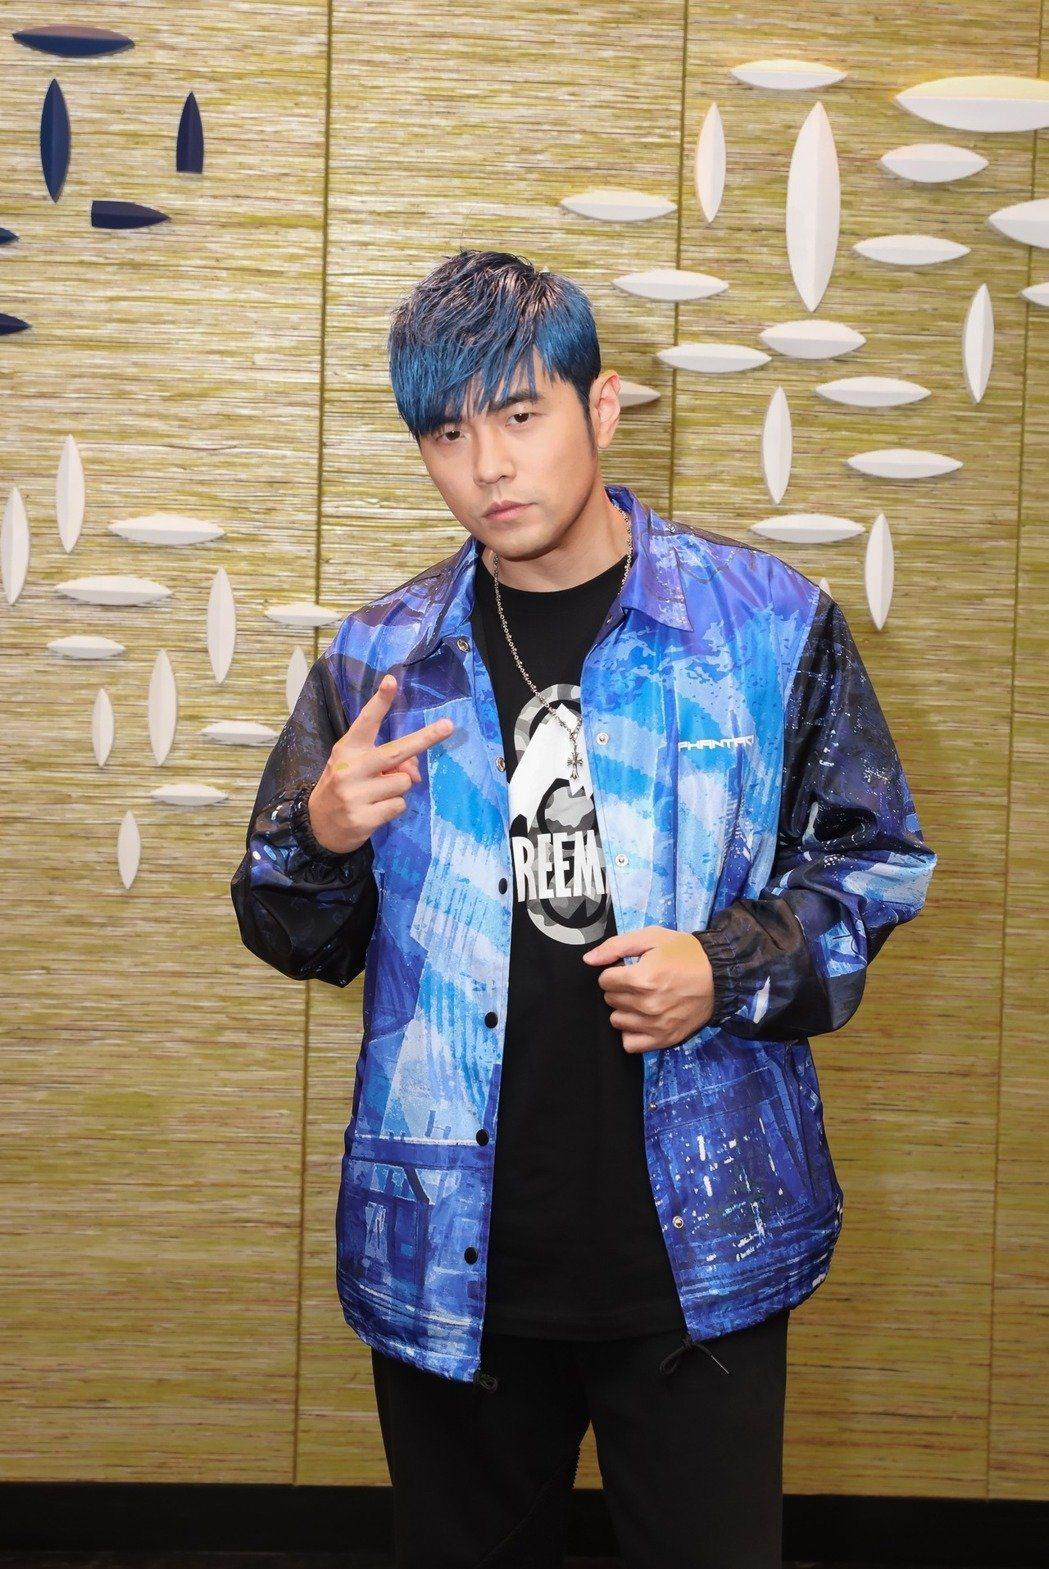 周杰倫出道20年,經典歌曲無數,擁有3首YouTube點閱破億歌曲,成華語之最。